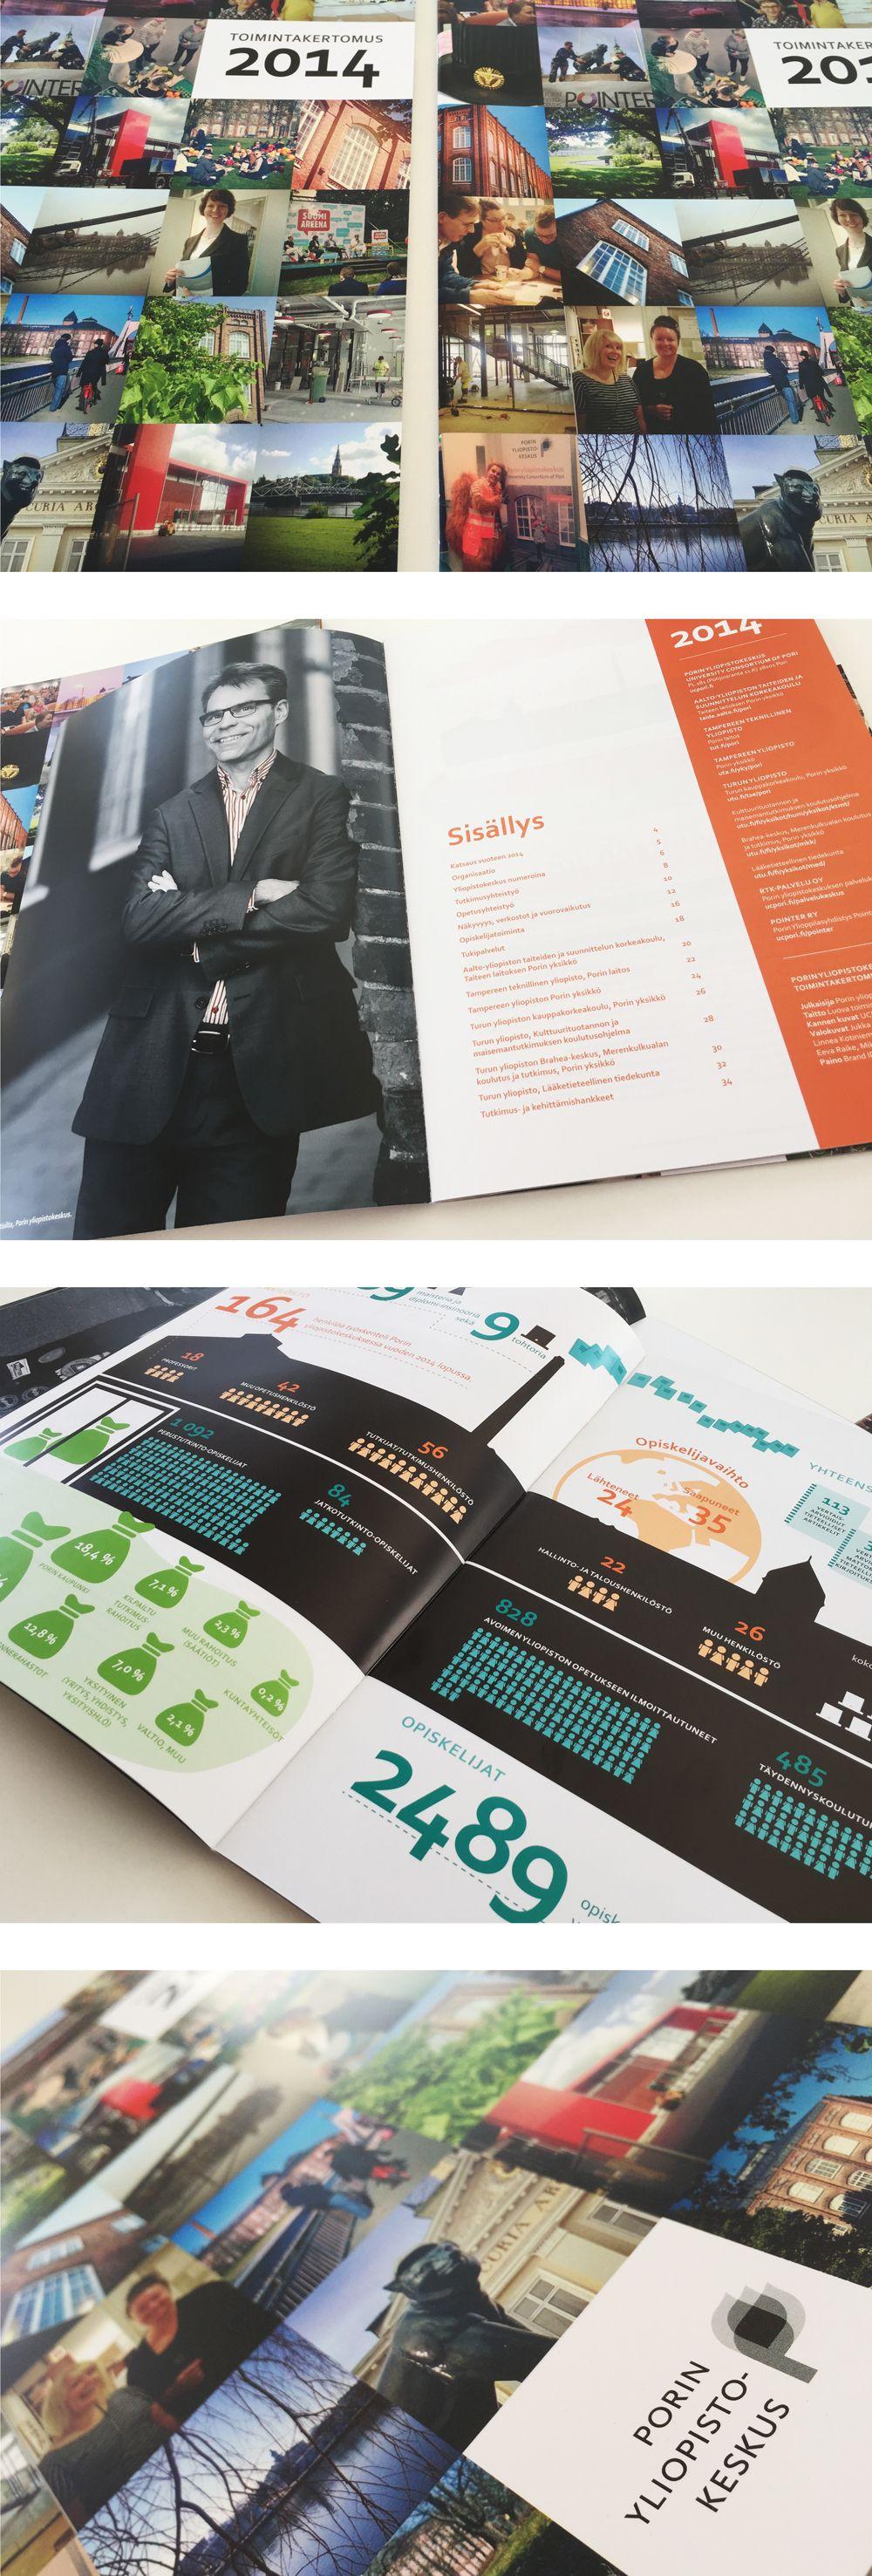 Graafinen suunnittelu: toimintakertomus 2014 / Porin yliopistokeskus